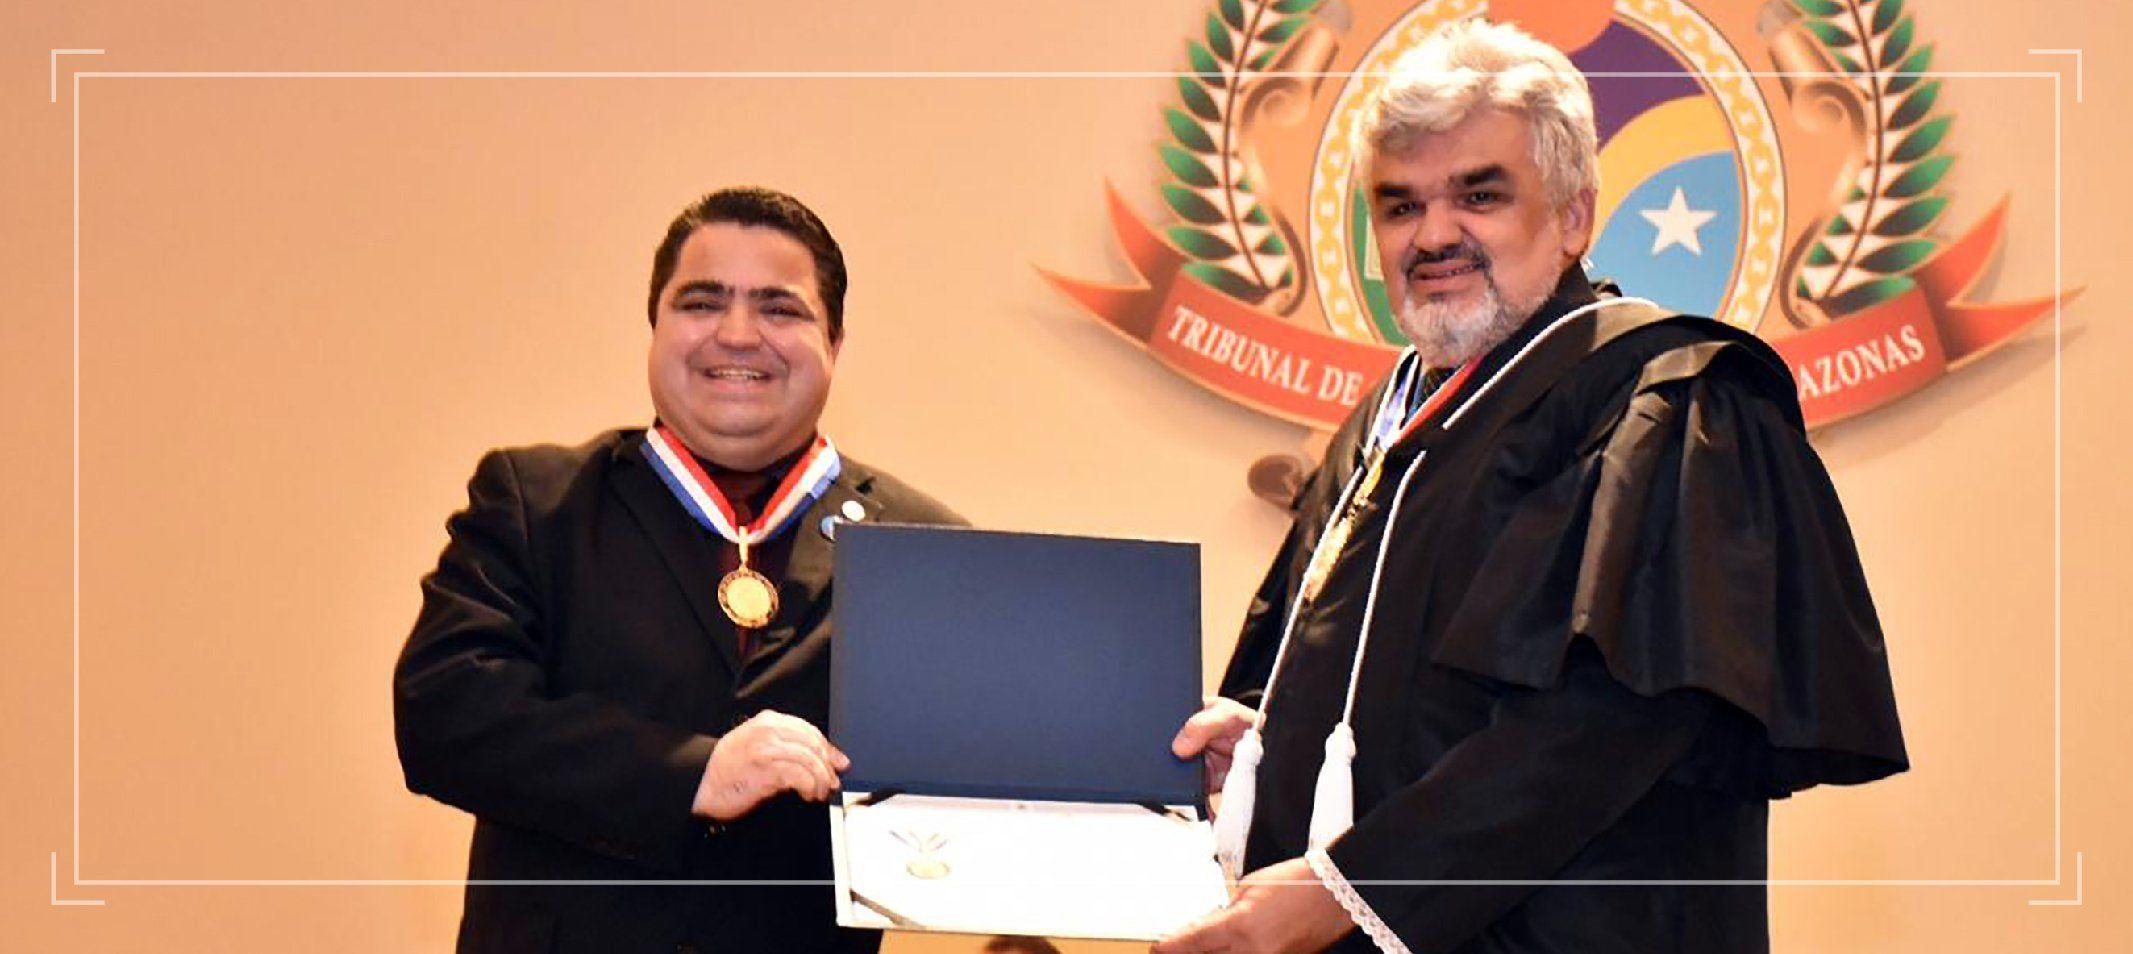 Ufam recebe Medalha Mérito de Contas na comemoração dos 69 anos do TCE-AM